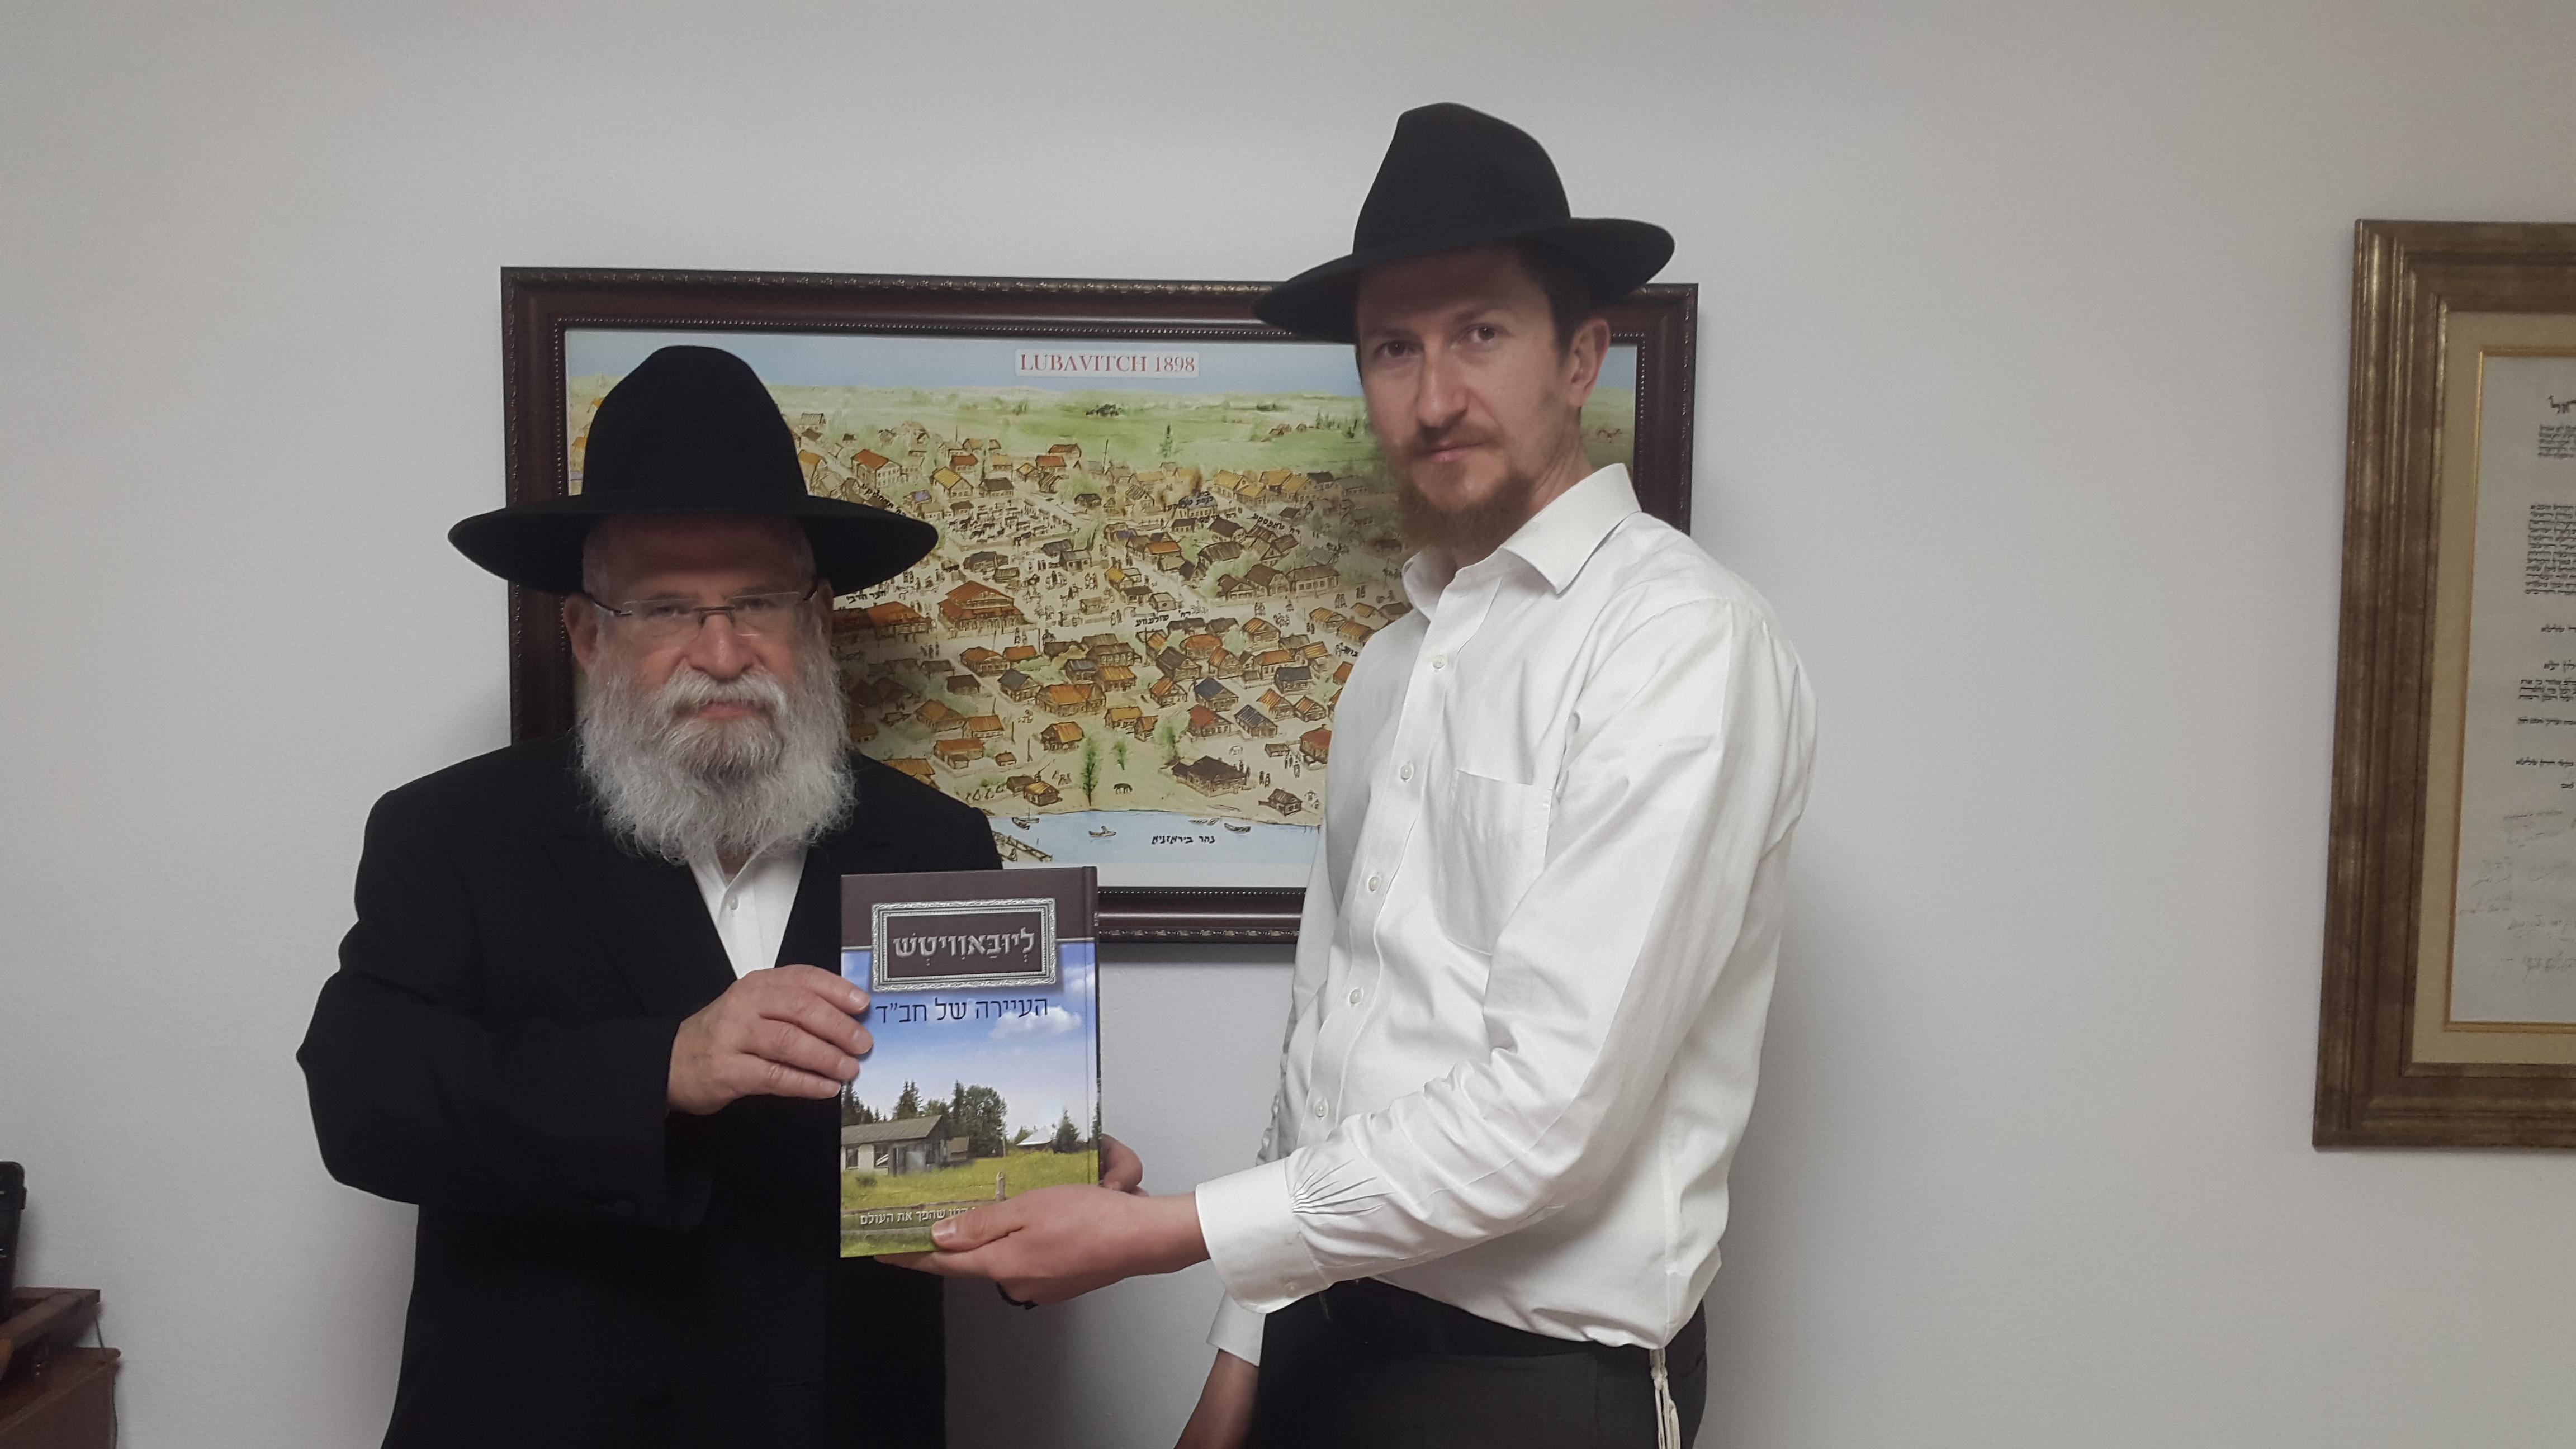 הרב גוראריה מקבל את הספר